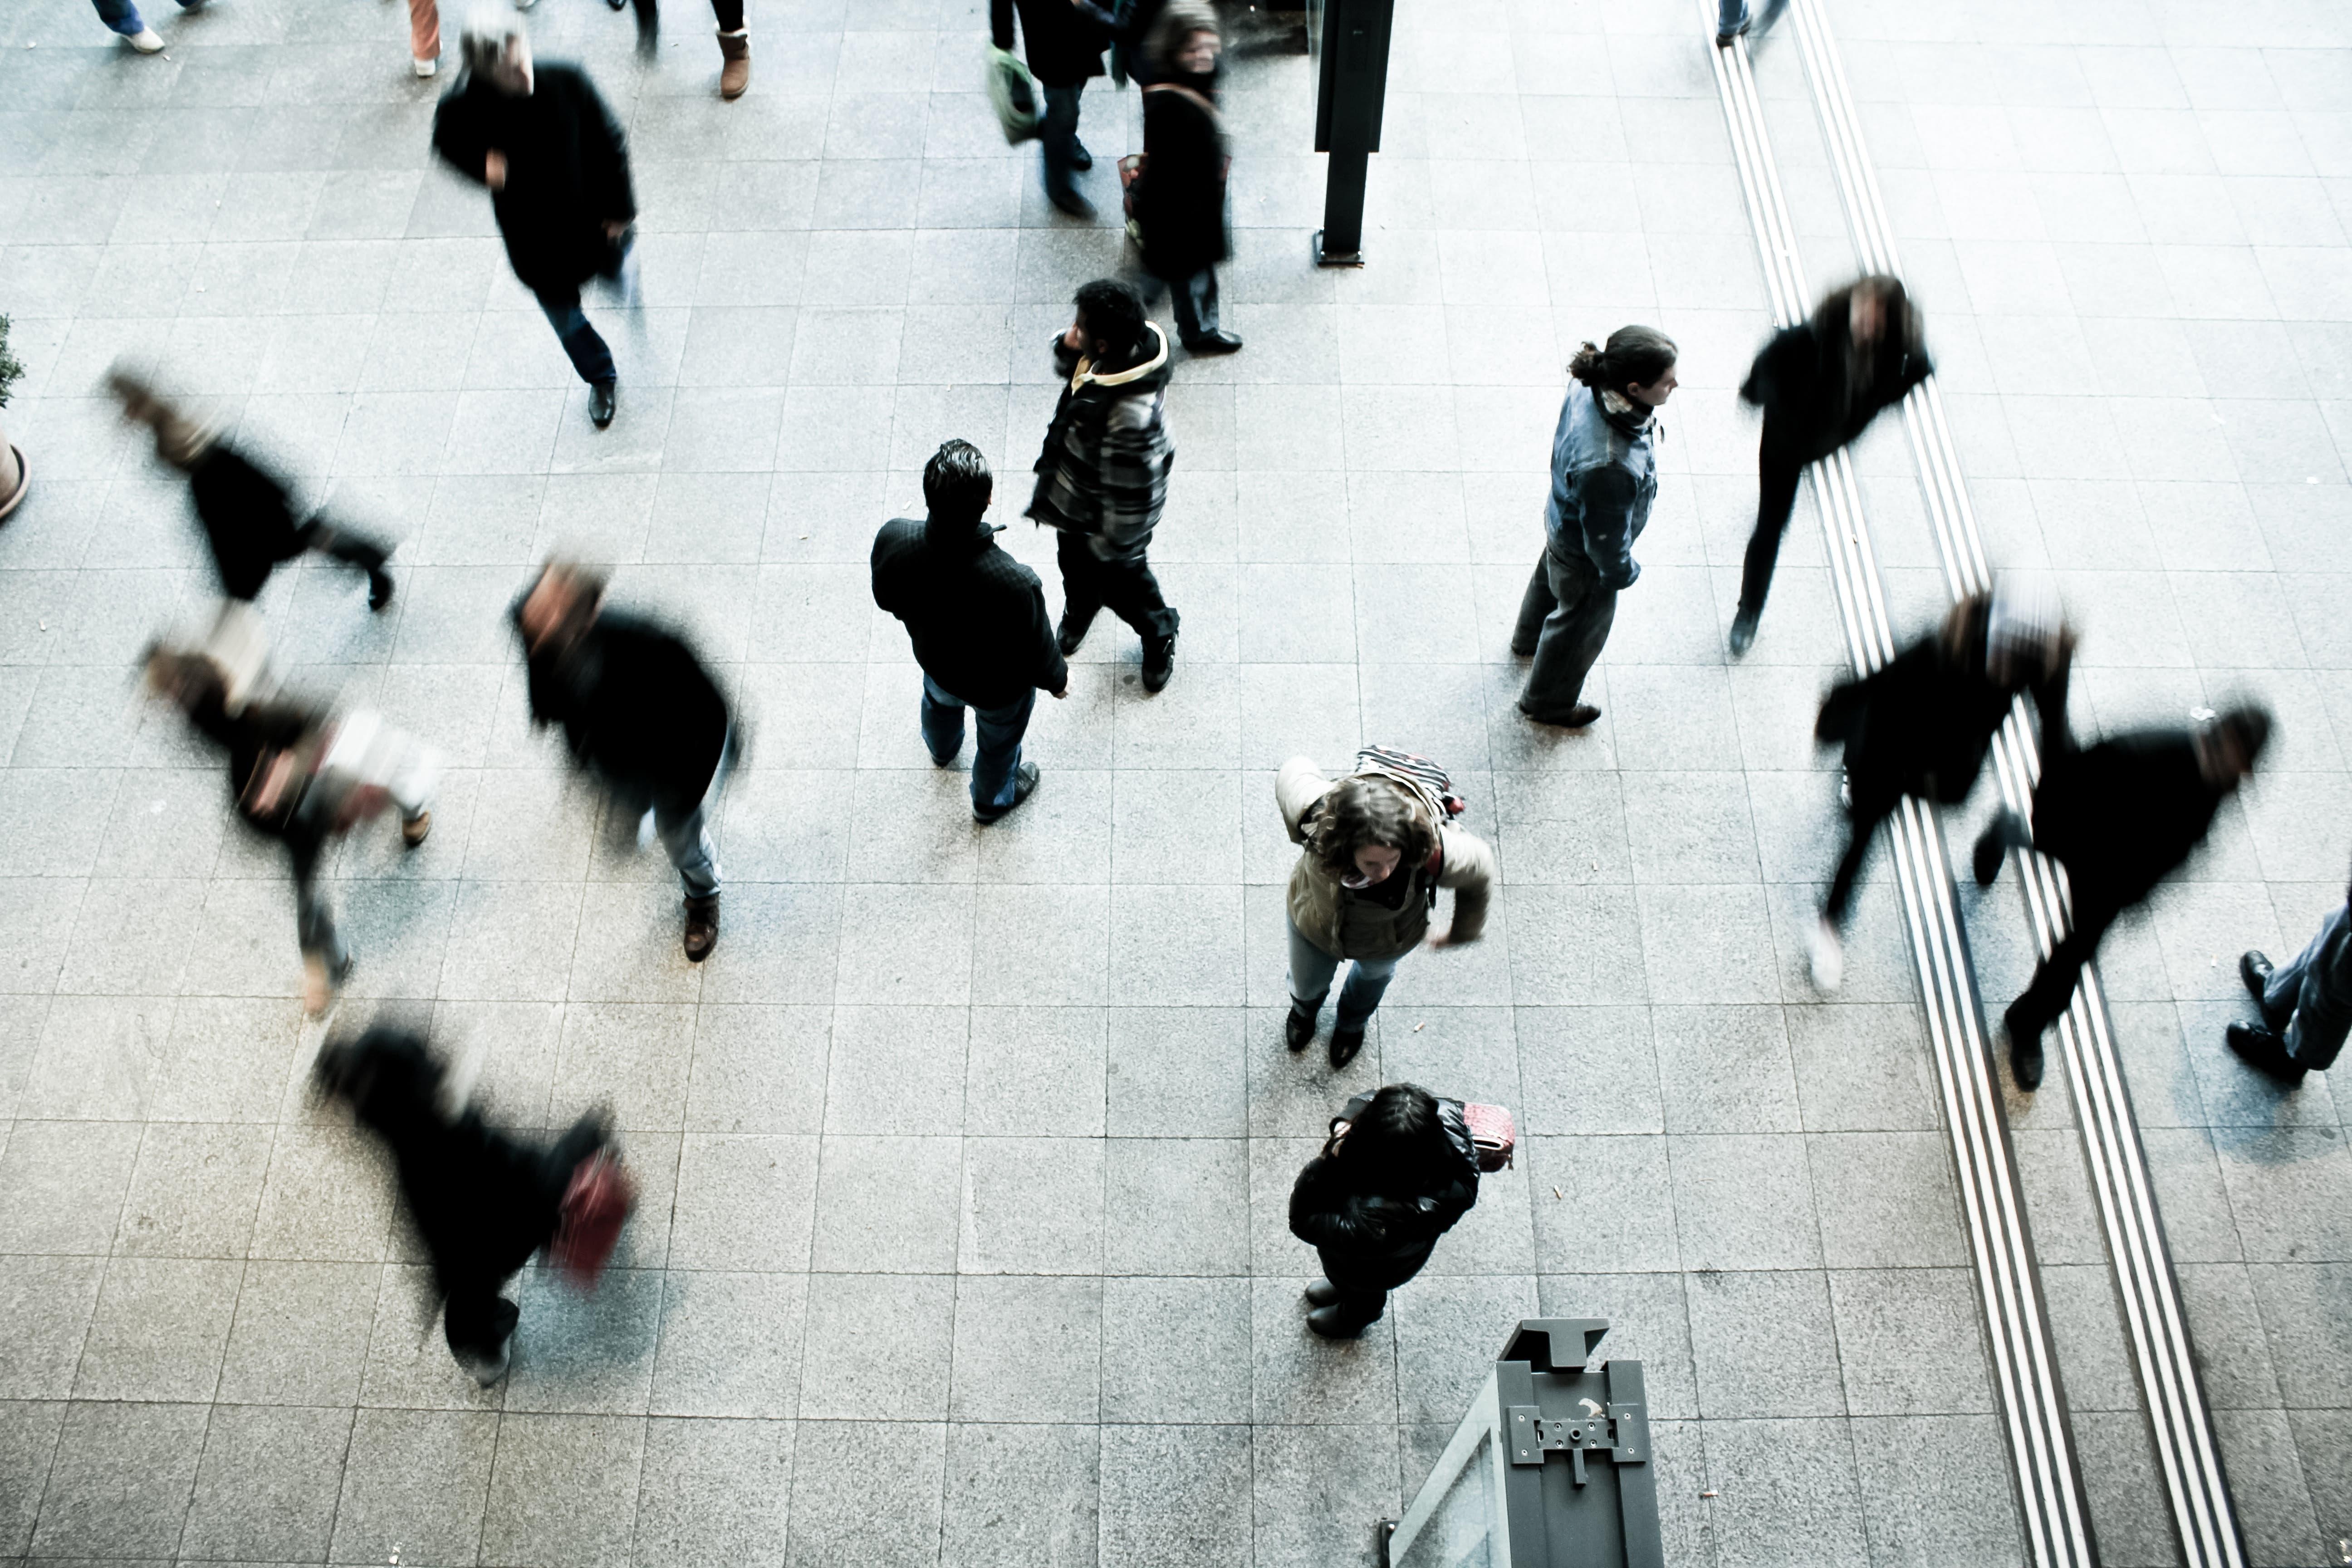 Gestión de la salud mental entra en las prioridades de la empresas latinoamericanas, según estudio